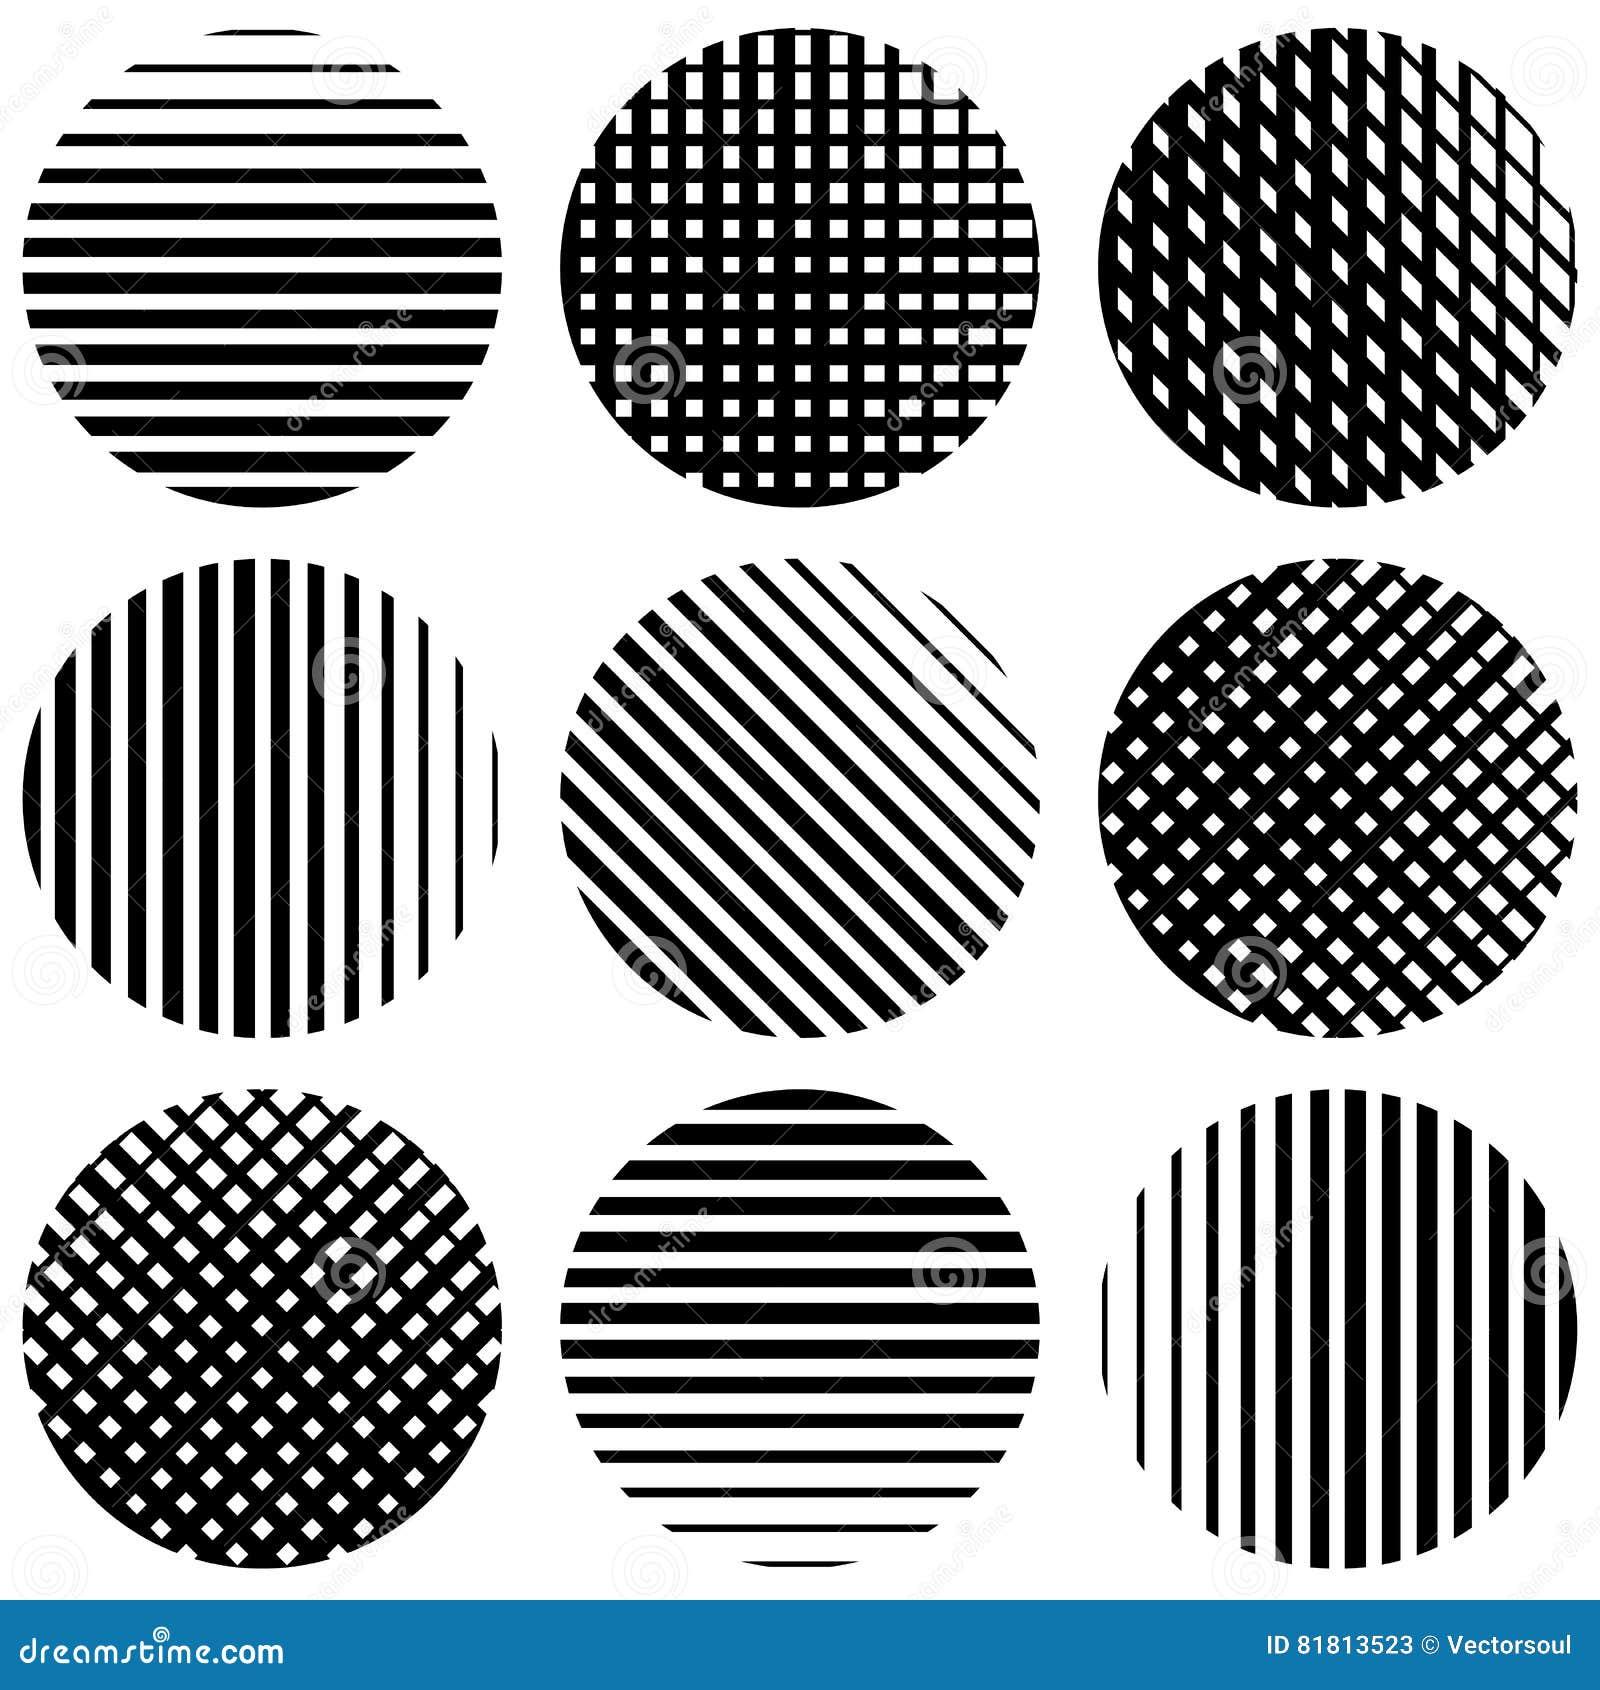 Комплект линий полутонового изображения в кругах Прямая вертикаль, горизонтальная